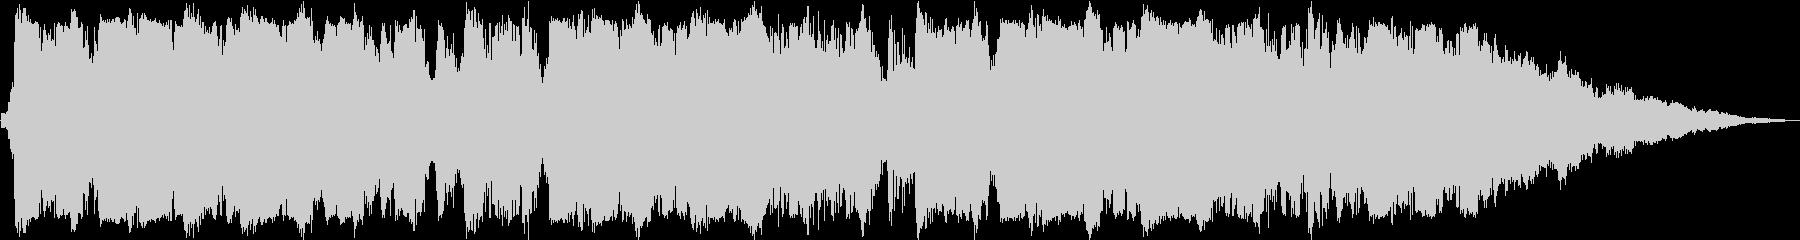 【20秒】きらめく海・夏/ラジオCM用の未再生の波形